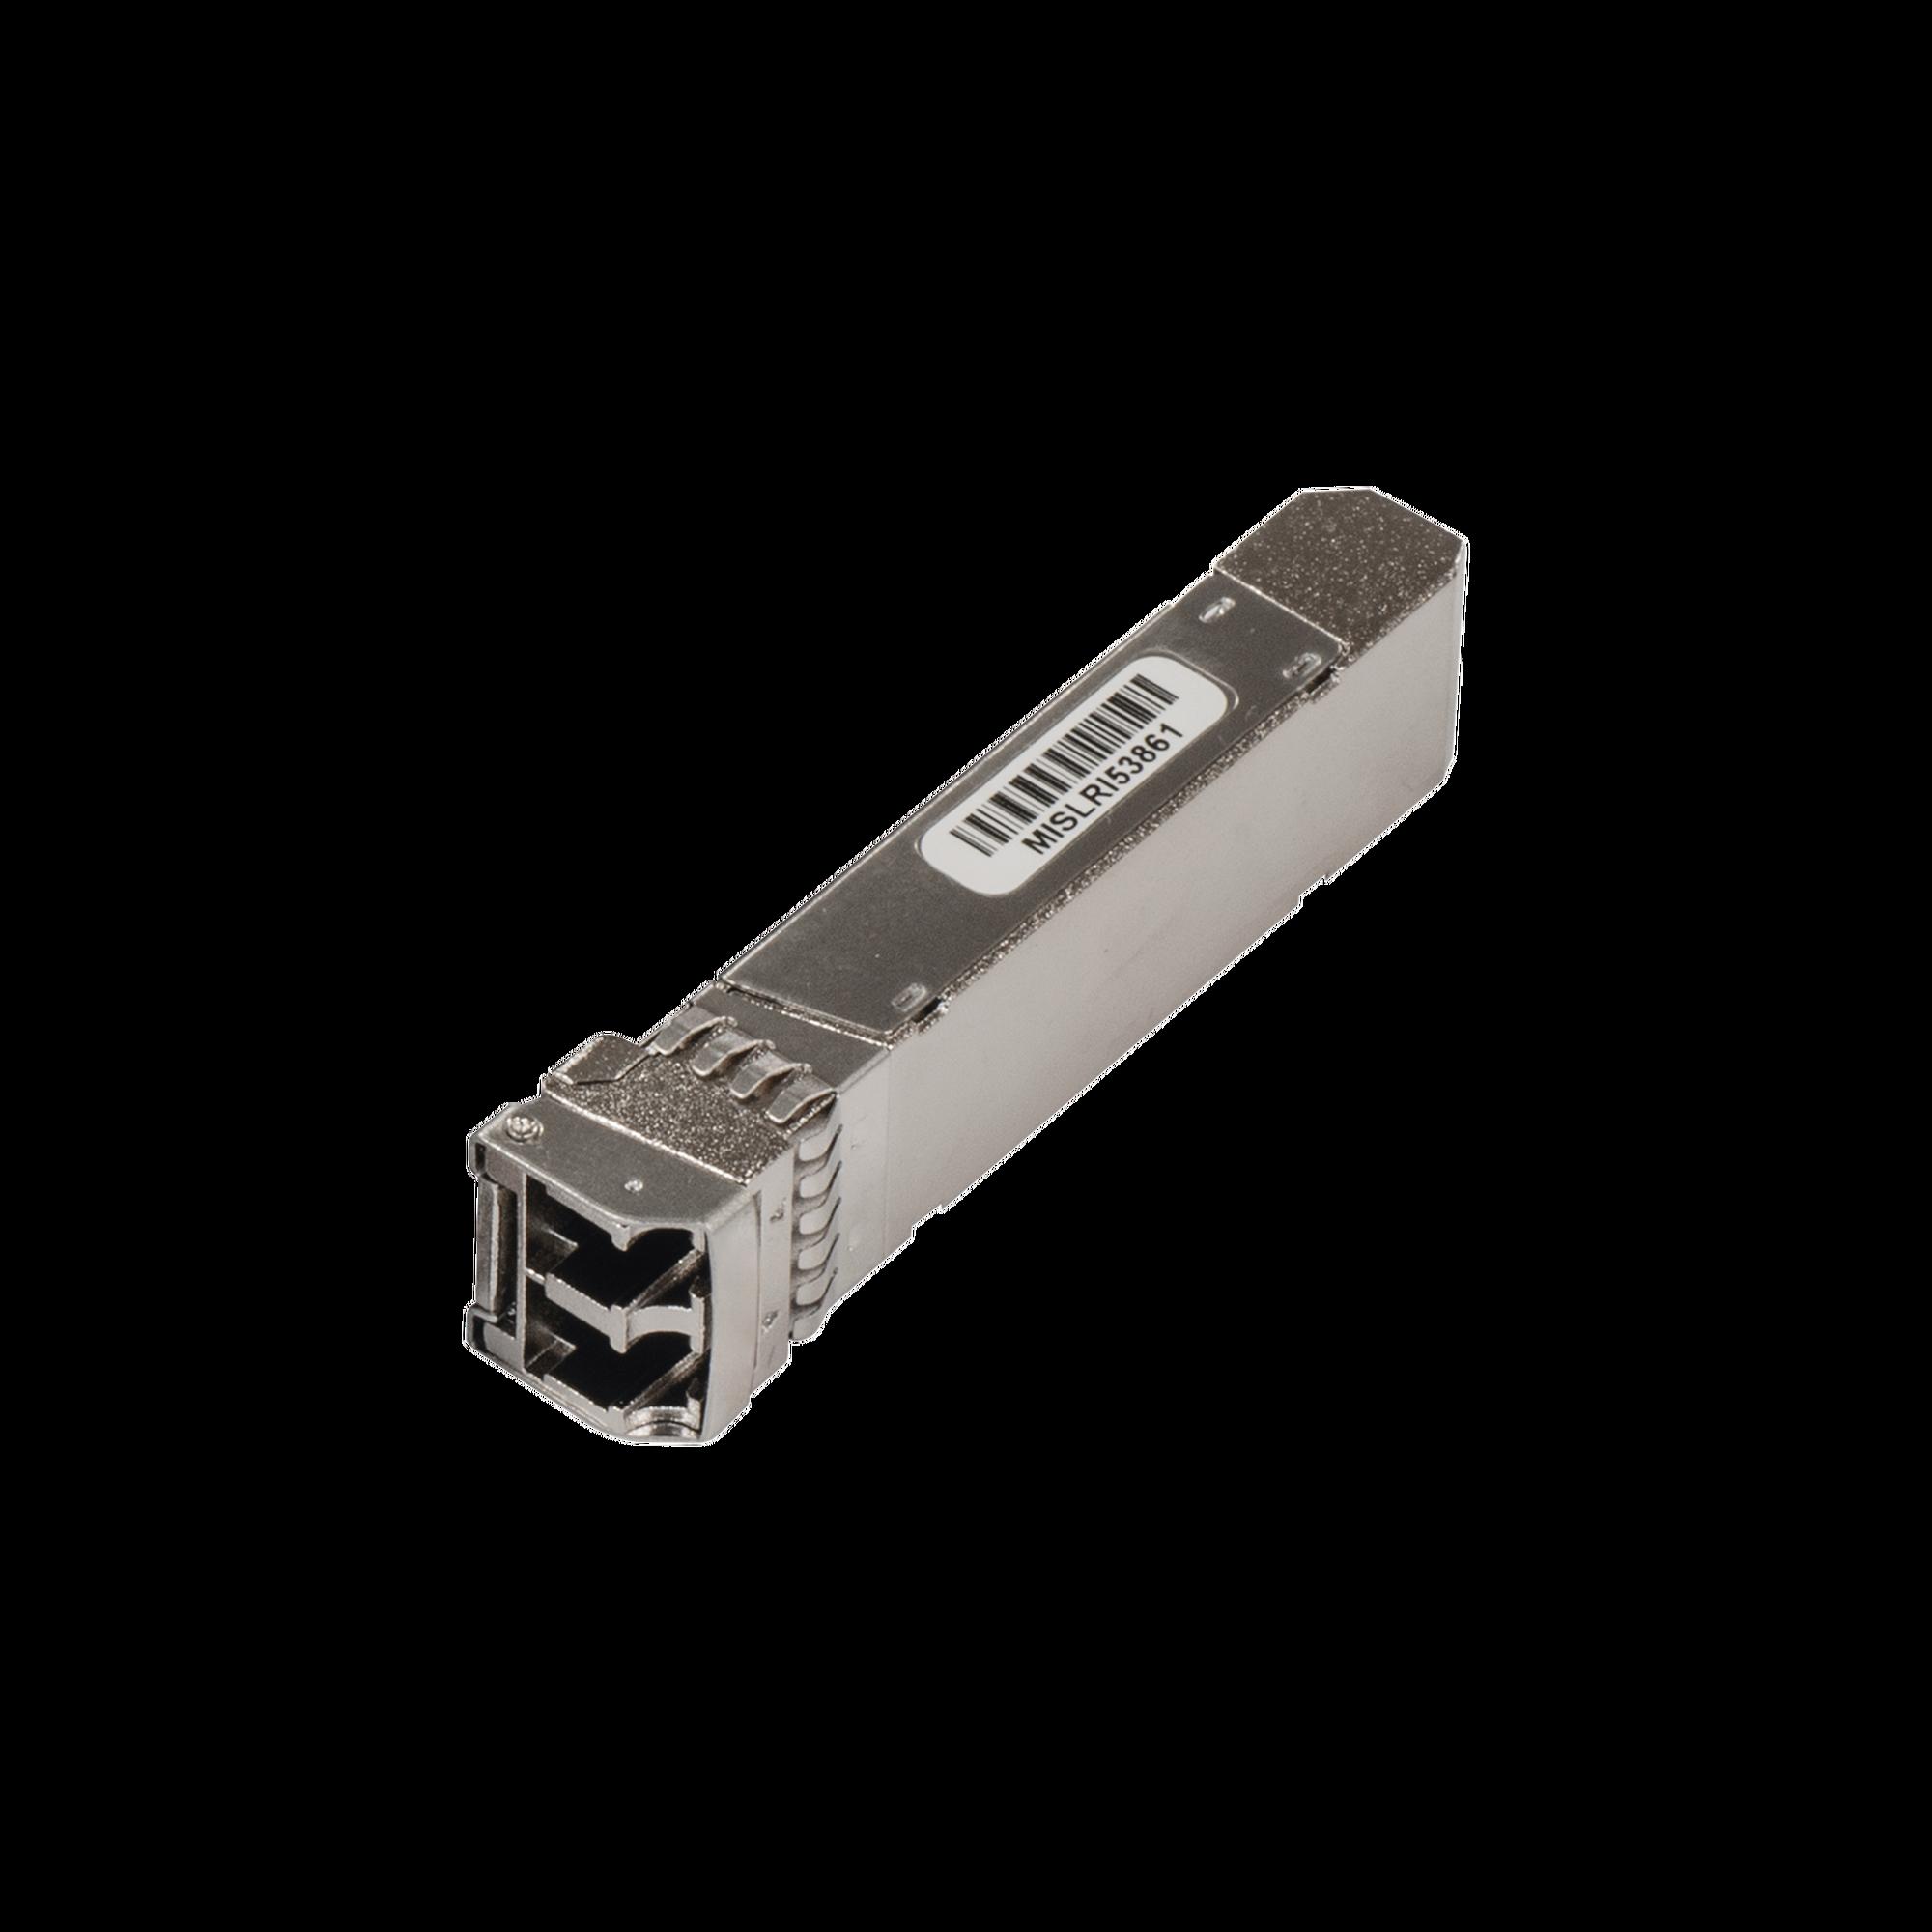 SFP CWDM module 1.25G SM 40km 1590nm Dual LC-connector DDM